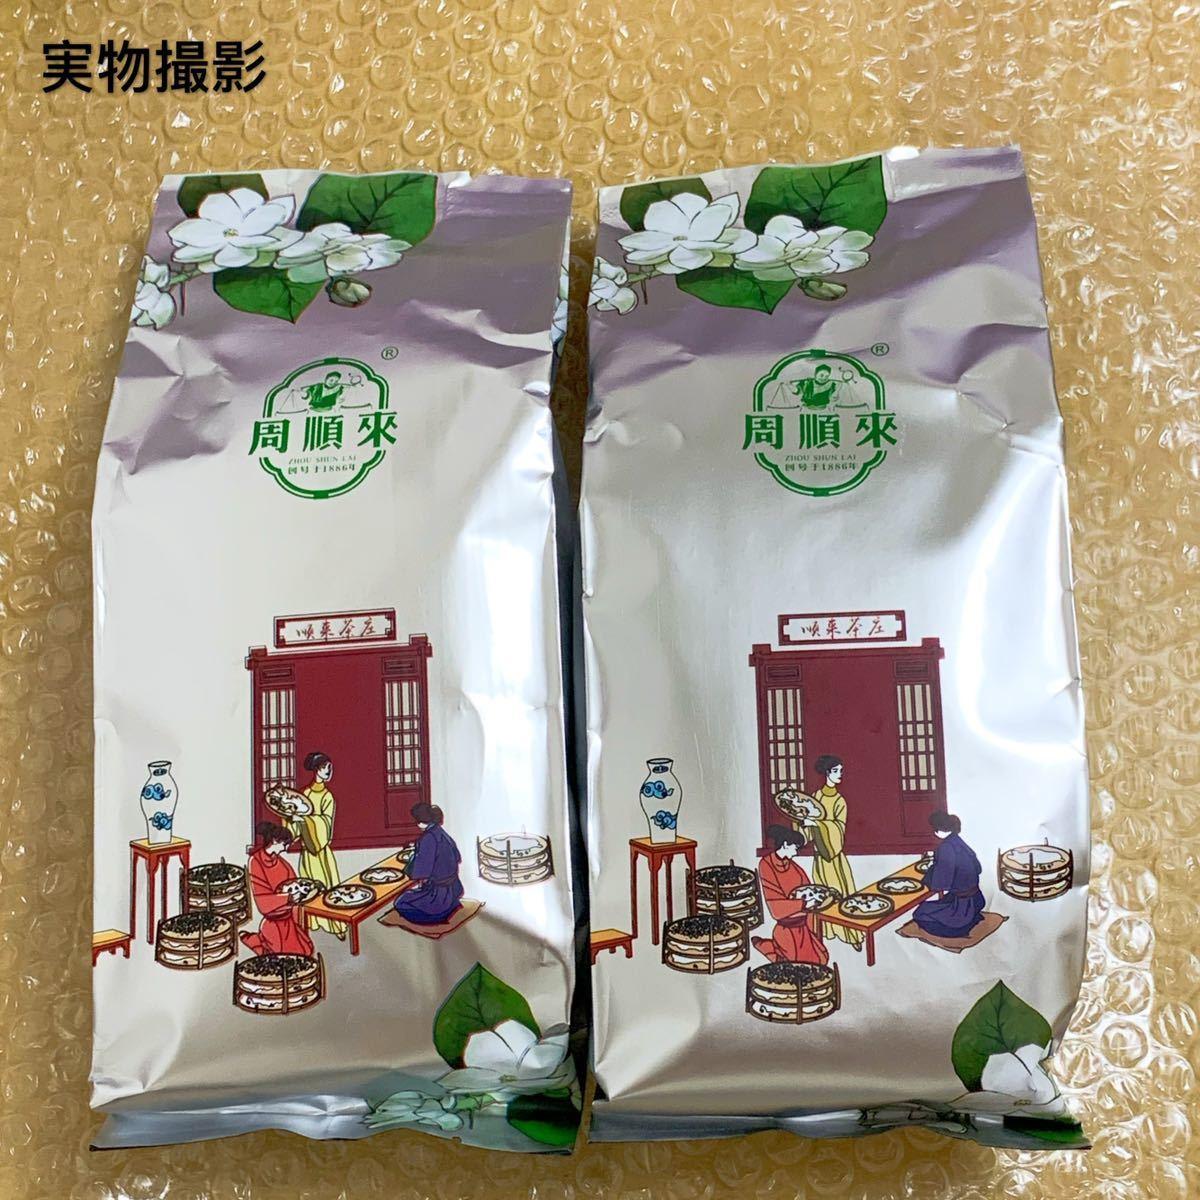 ジャスミン茶 茉莉花茶 ジャスミンティー 新茶 500g袋入り 新品